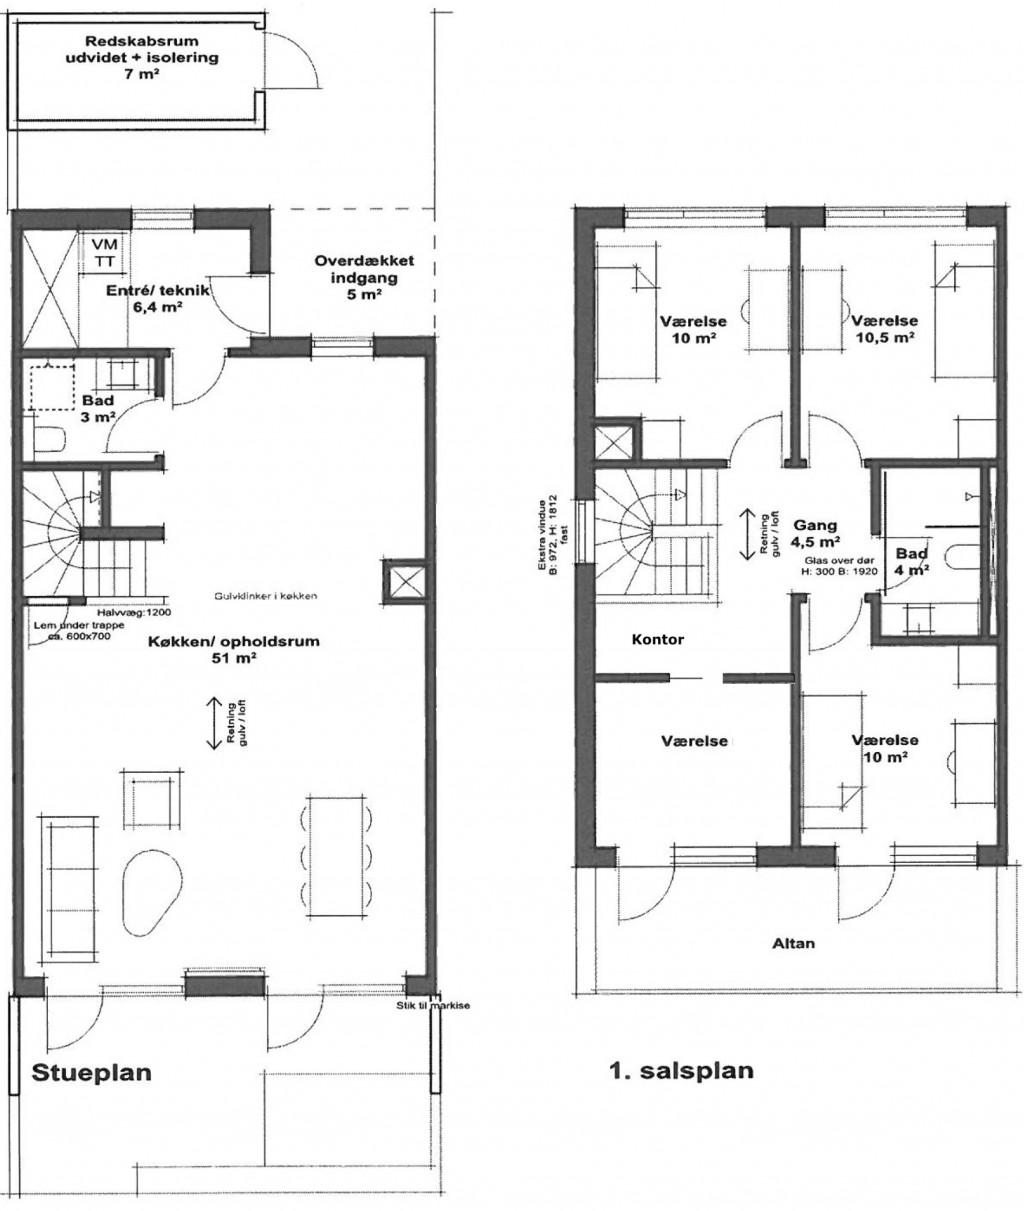 Rækkehus på 135 m2 i nyetableret og velfungerende bofællesskab i Farum - Grundplan_242da9f33f20ed3628fe865162d2acf1